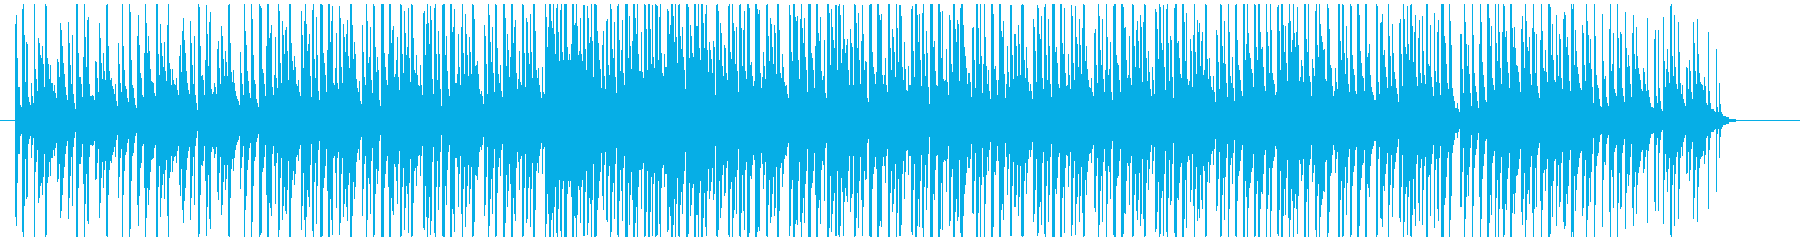 カリンバとジャンベのセッションの再生済みの波形